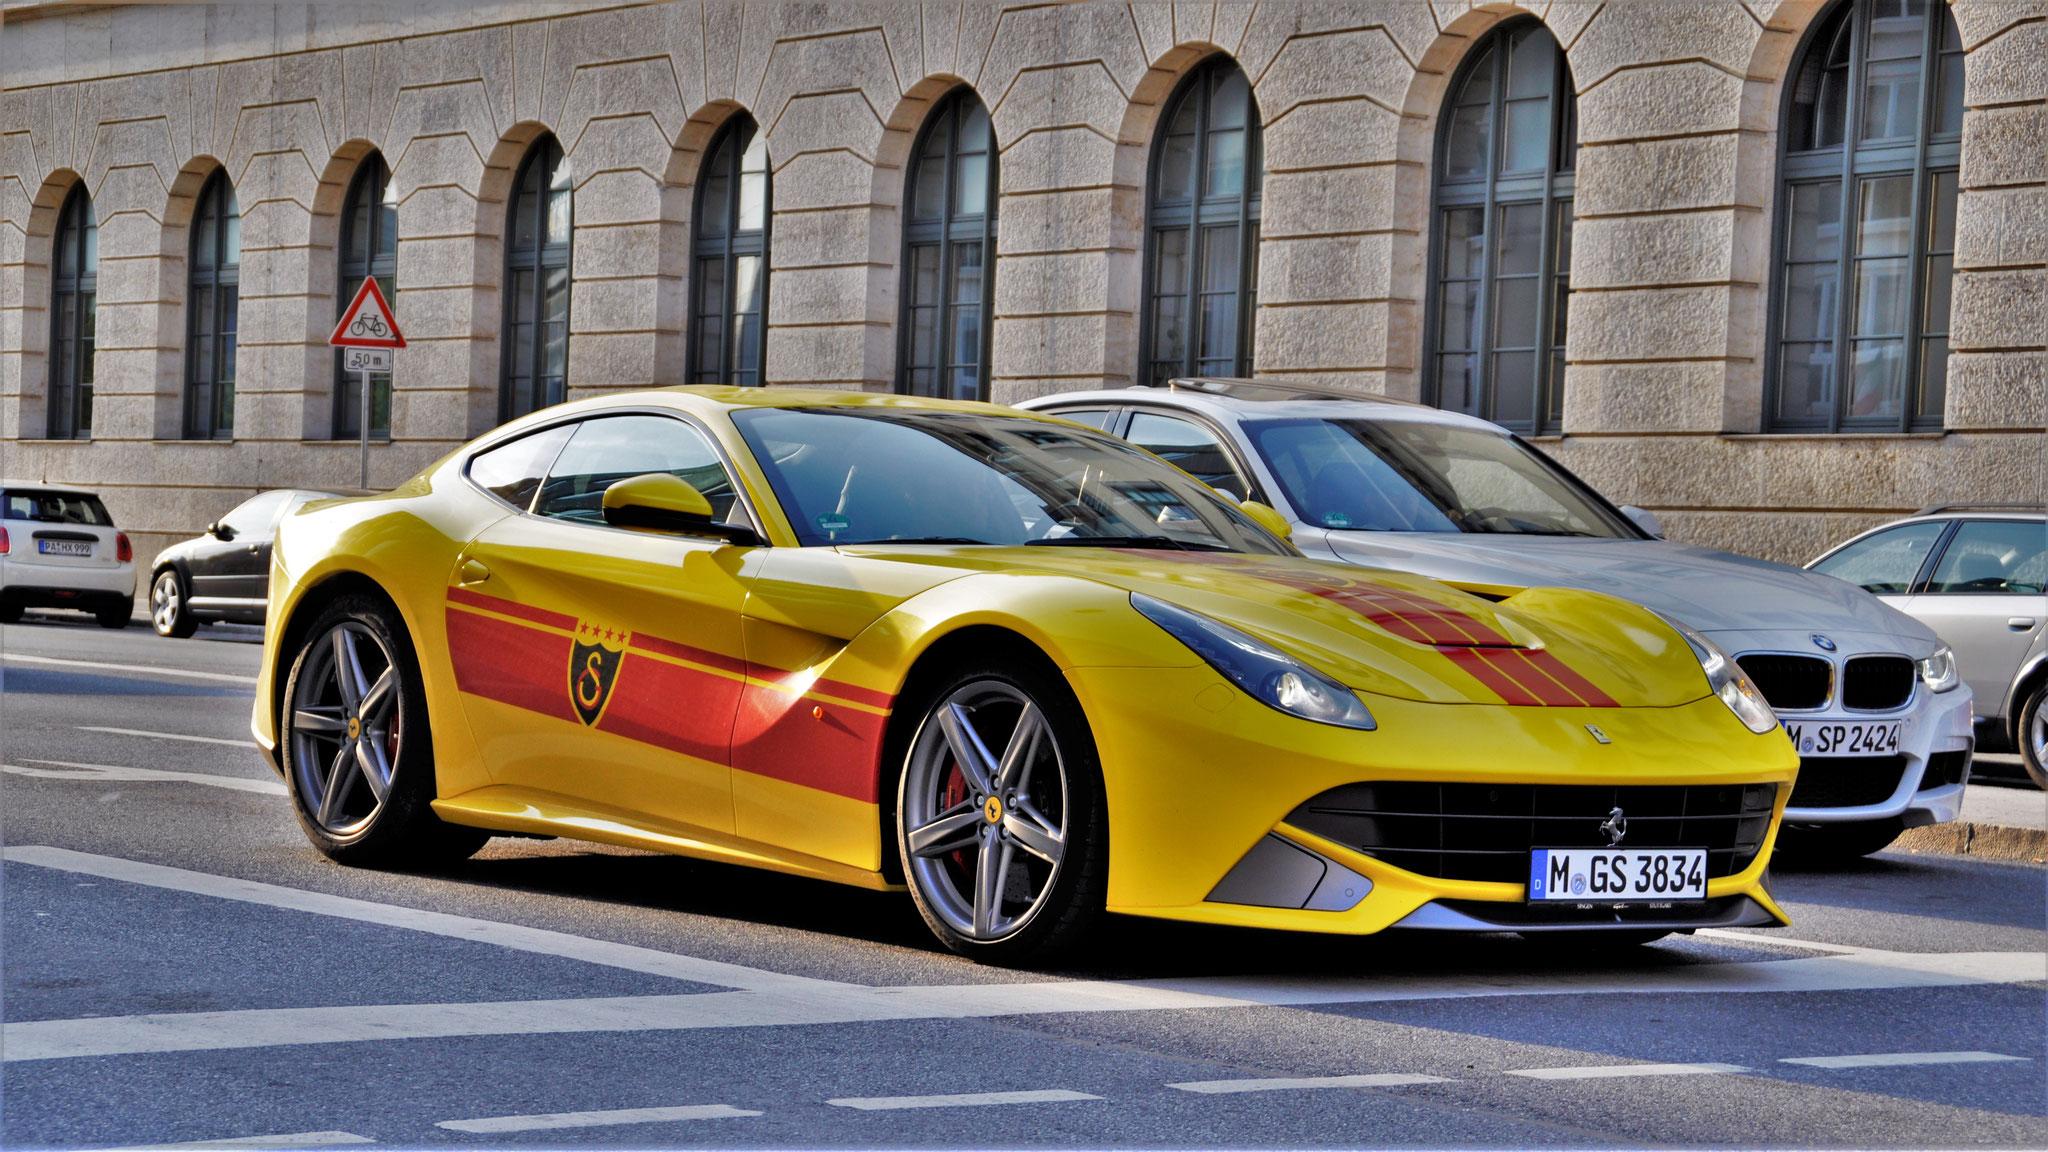 Ferrari F12 Berlinetta - M-GS-3834